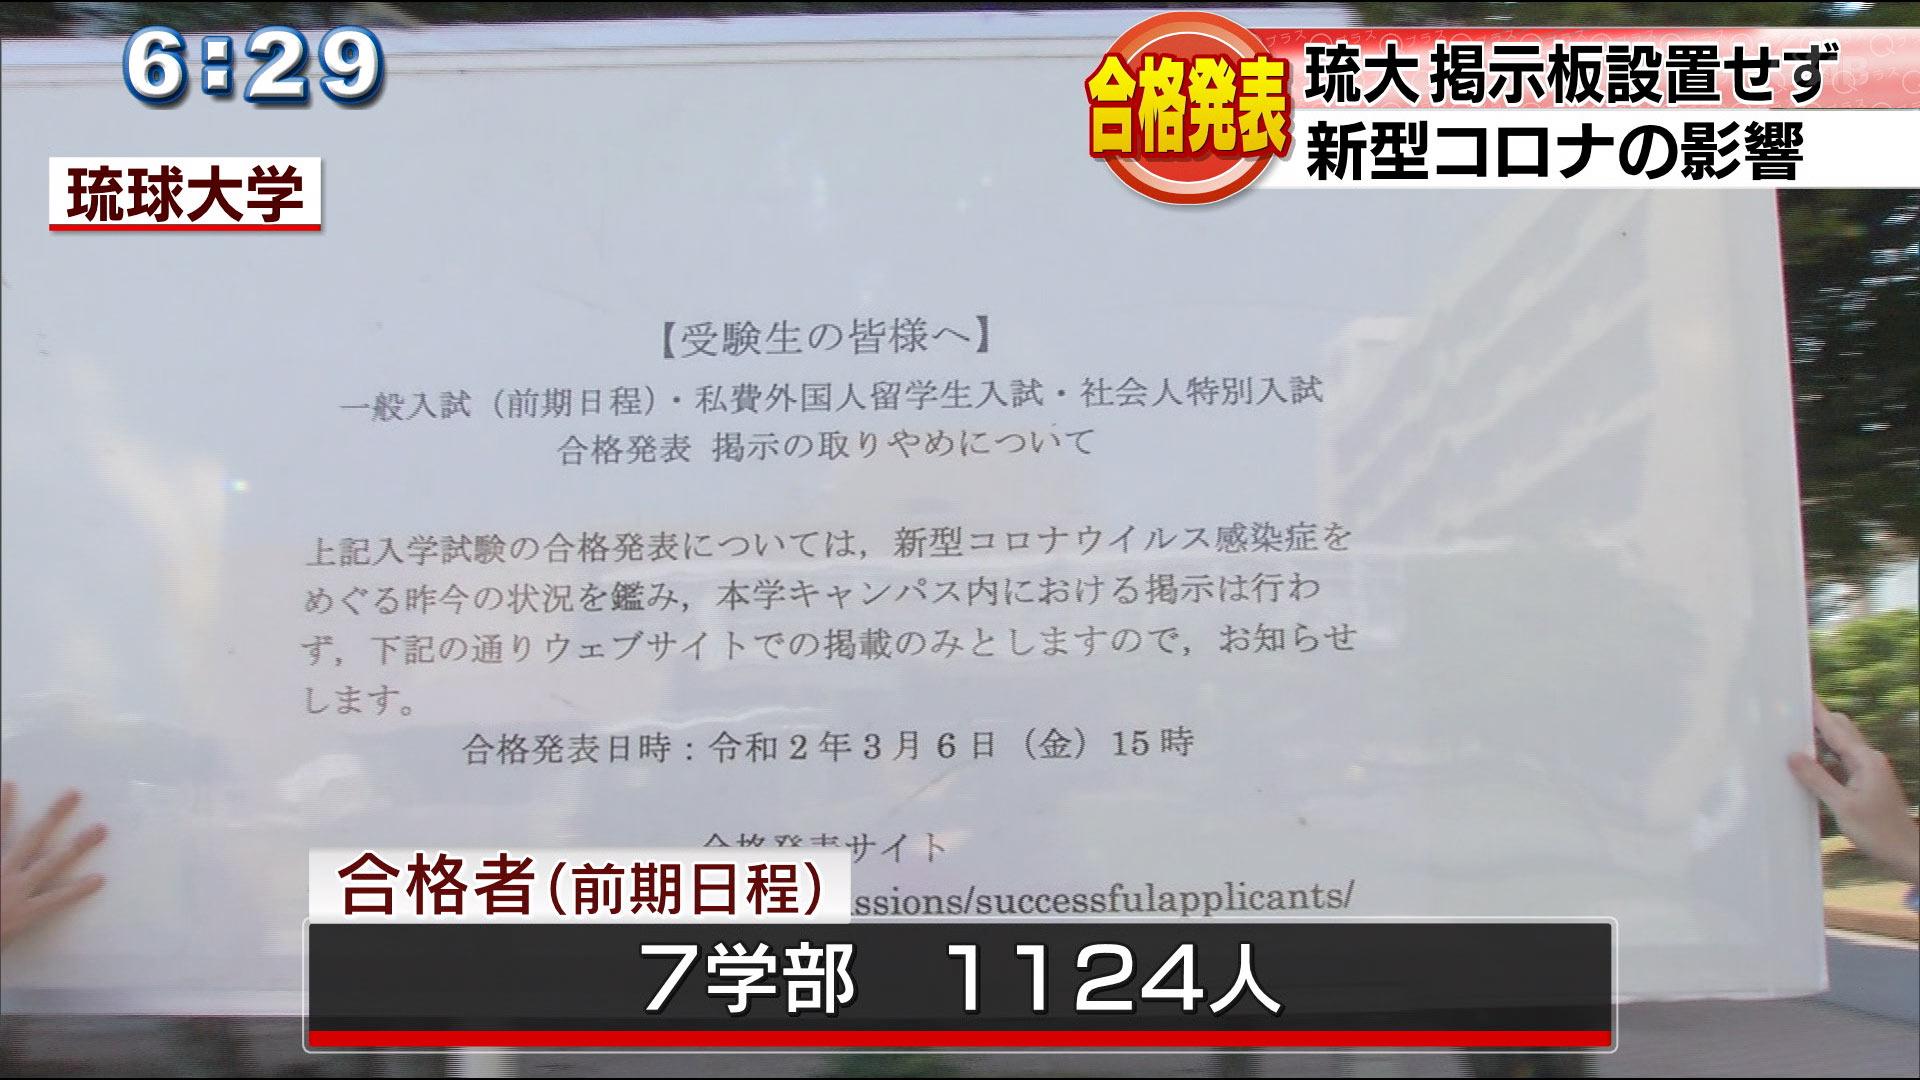 琉球大学合格発表 新型コロナの影響で静けさ